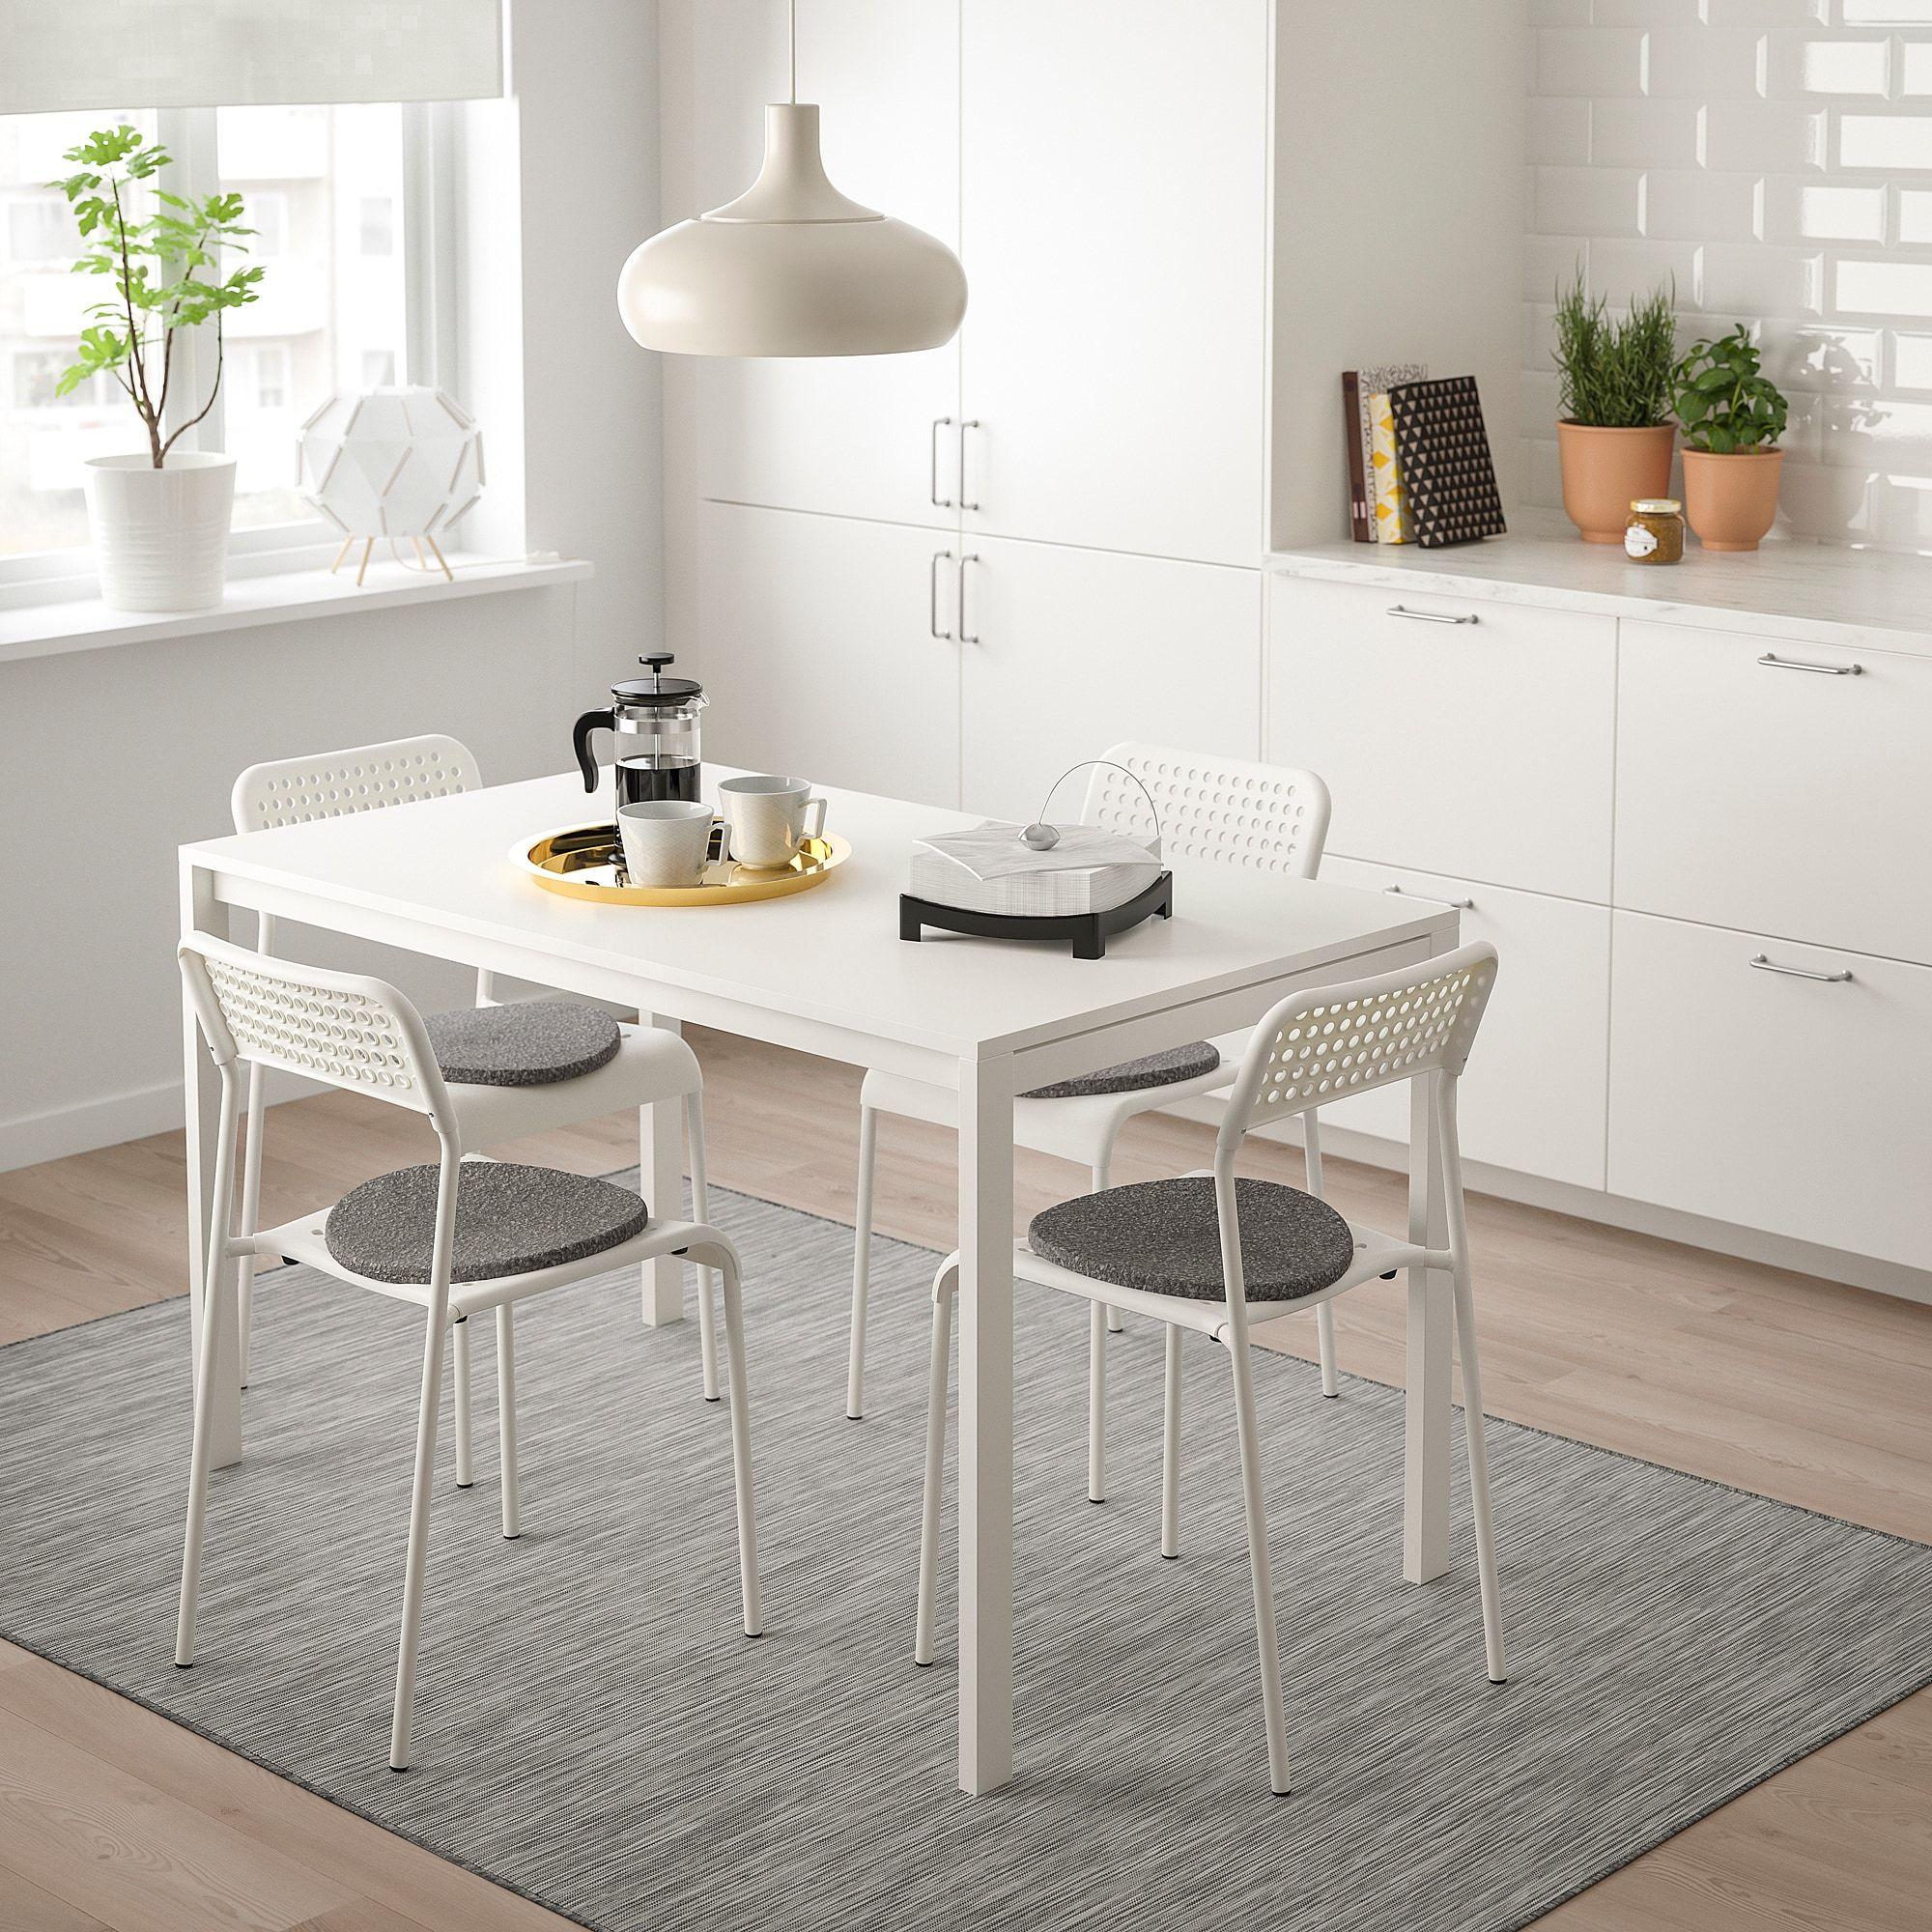 Ikea Esstisch Und 4 Stühle   Test 6